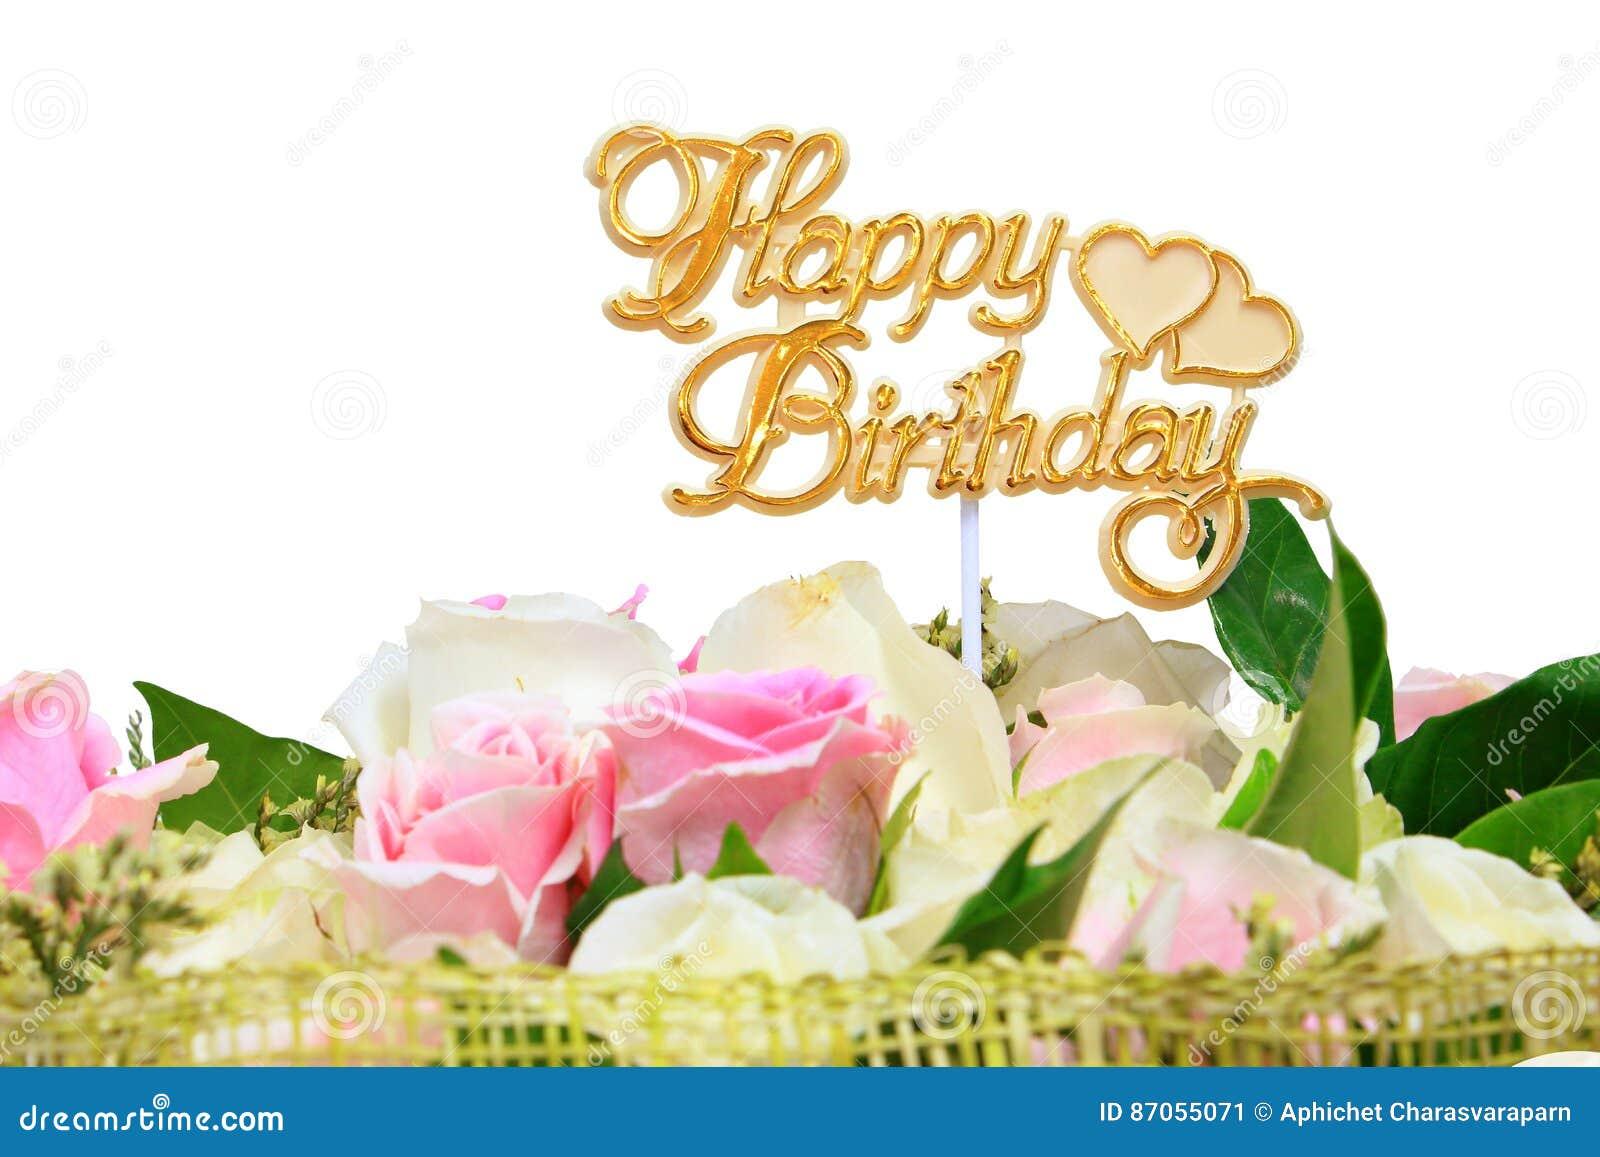 Bedwelming Gelukkige Verjaardag, Boeket Van Roze Bloemen Stock Afbeelding &US16